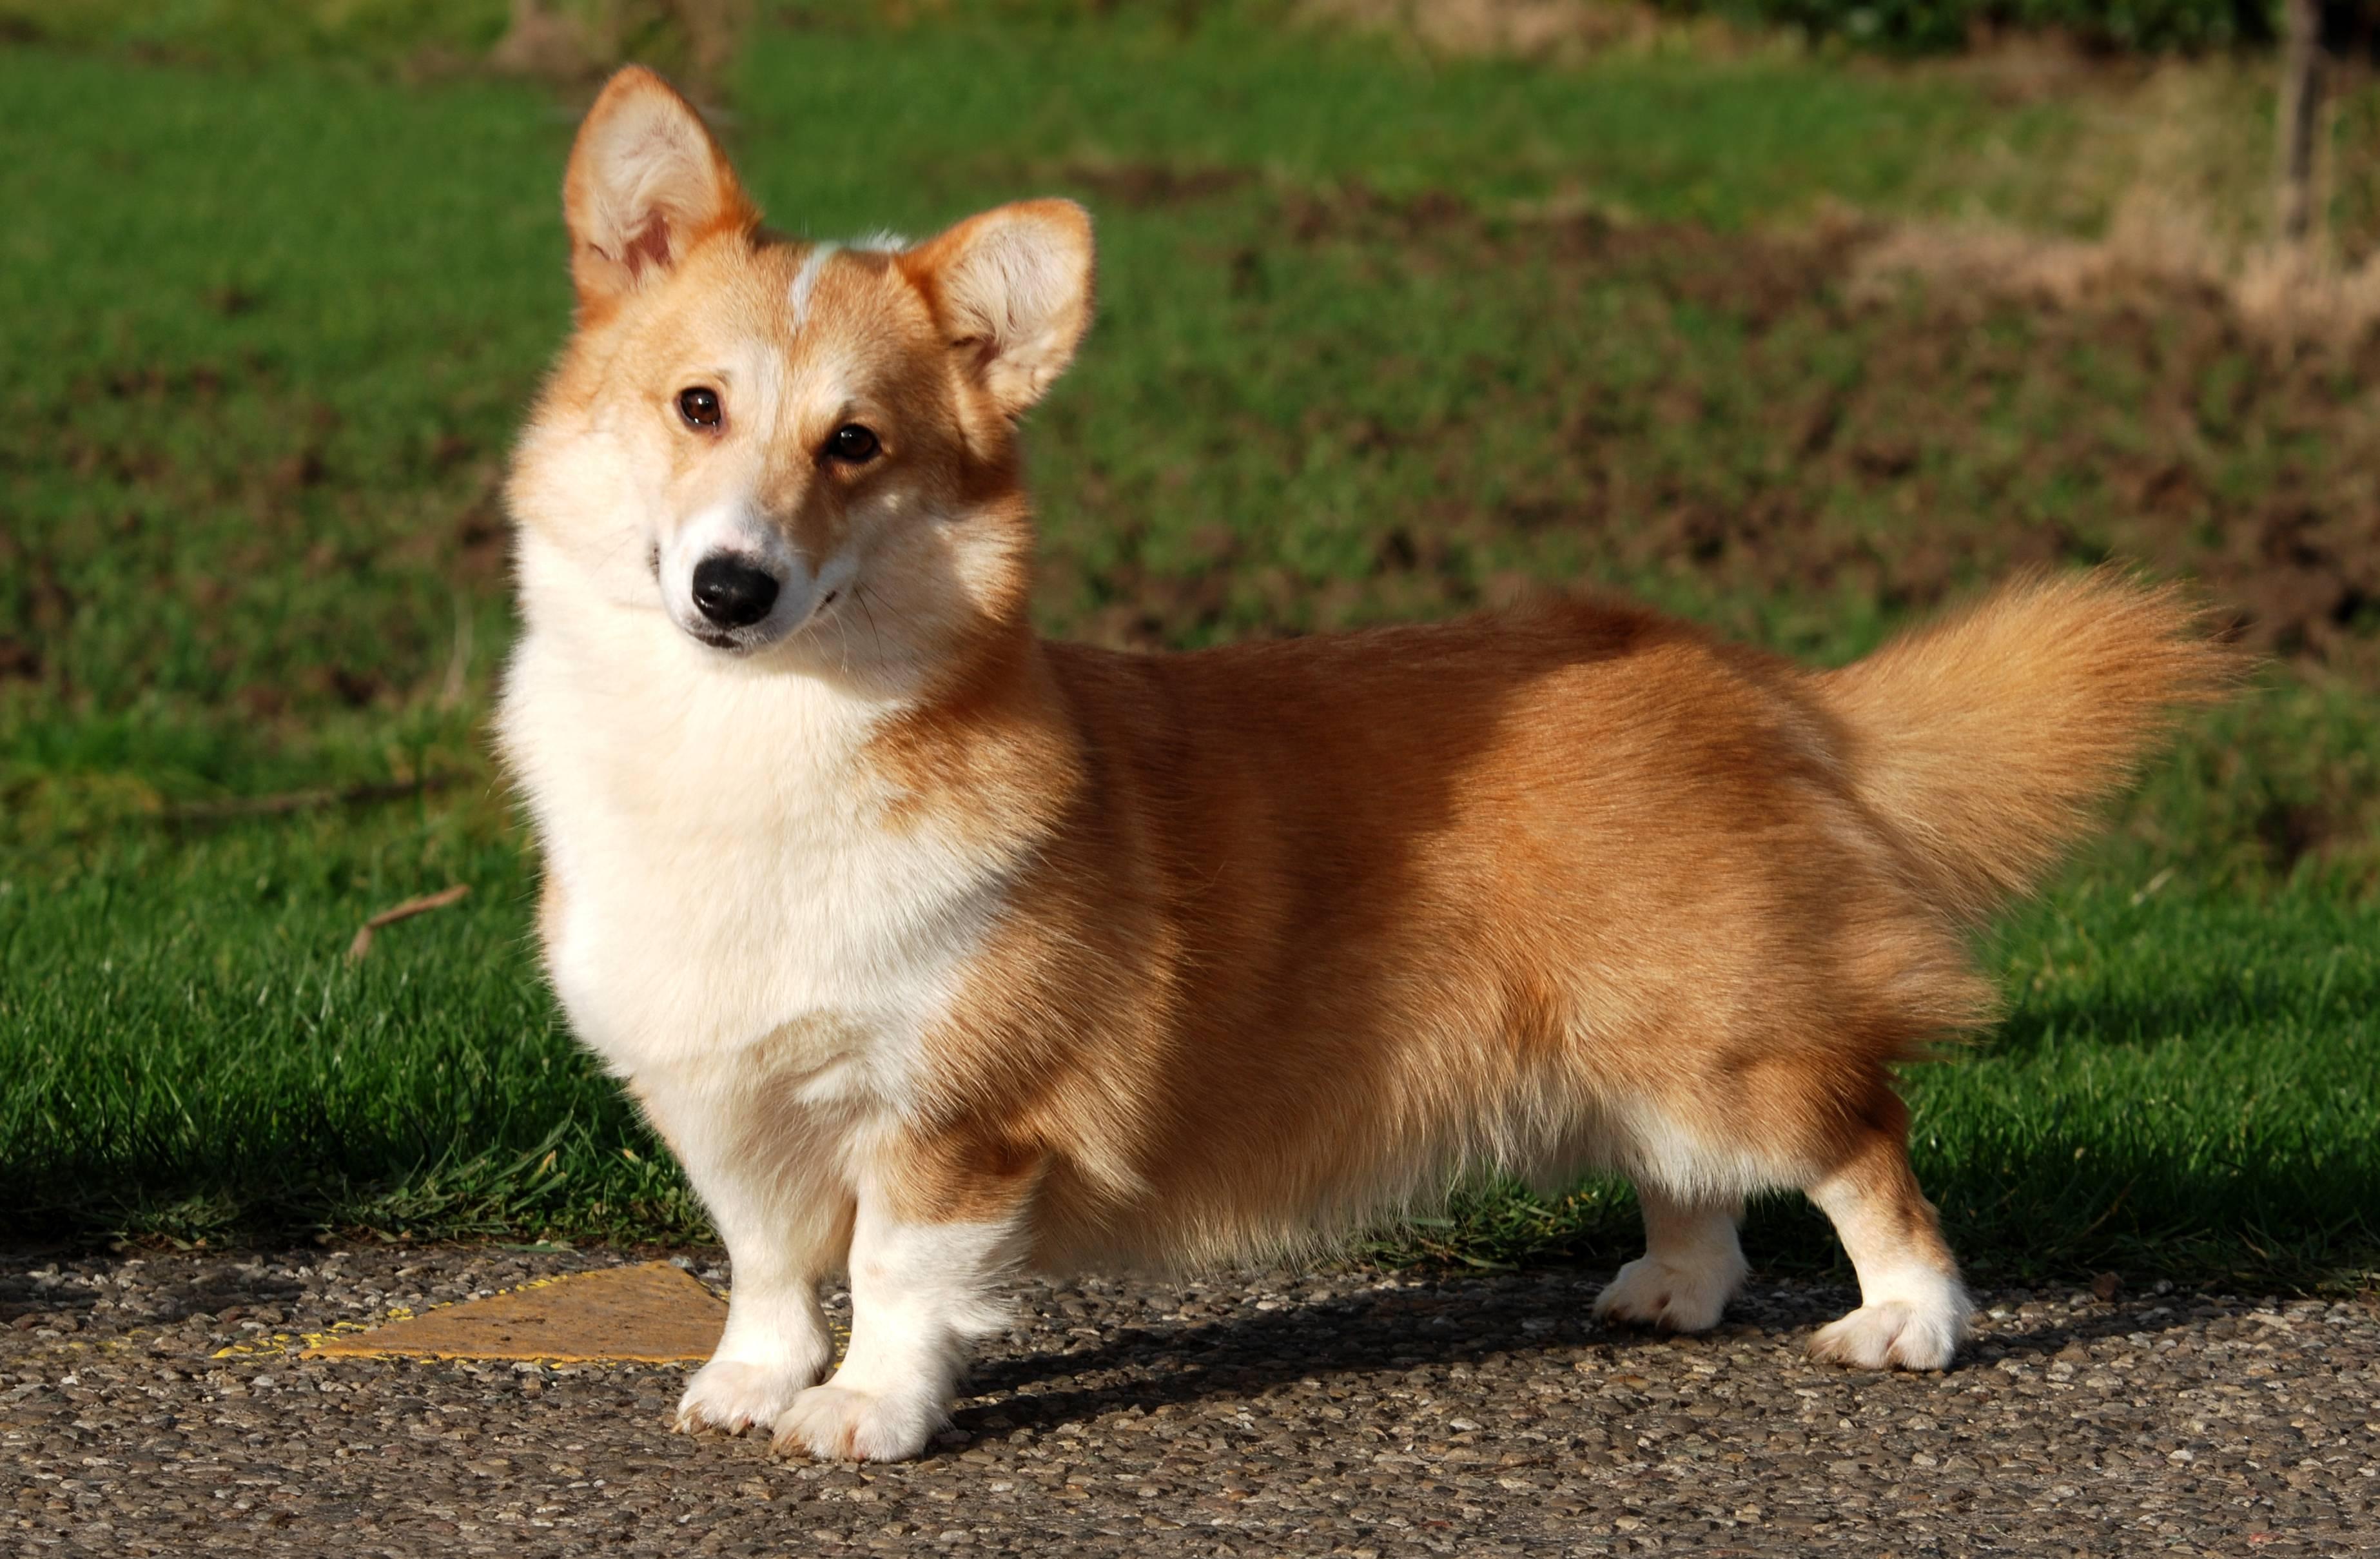 Собаки, похожие на таксу: какие существуют породы, описание их внешности, особенности характера и где их чаще всего используют